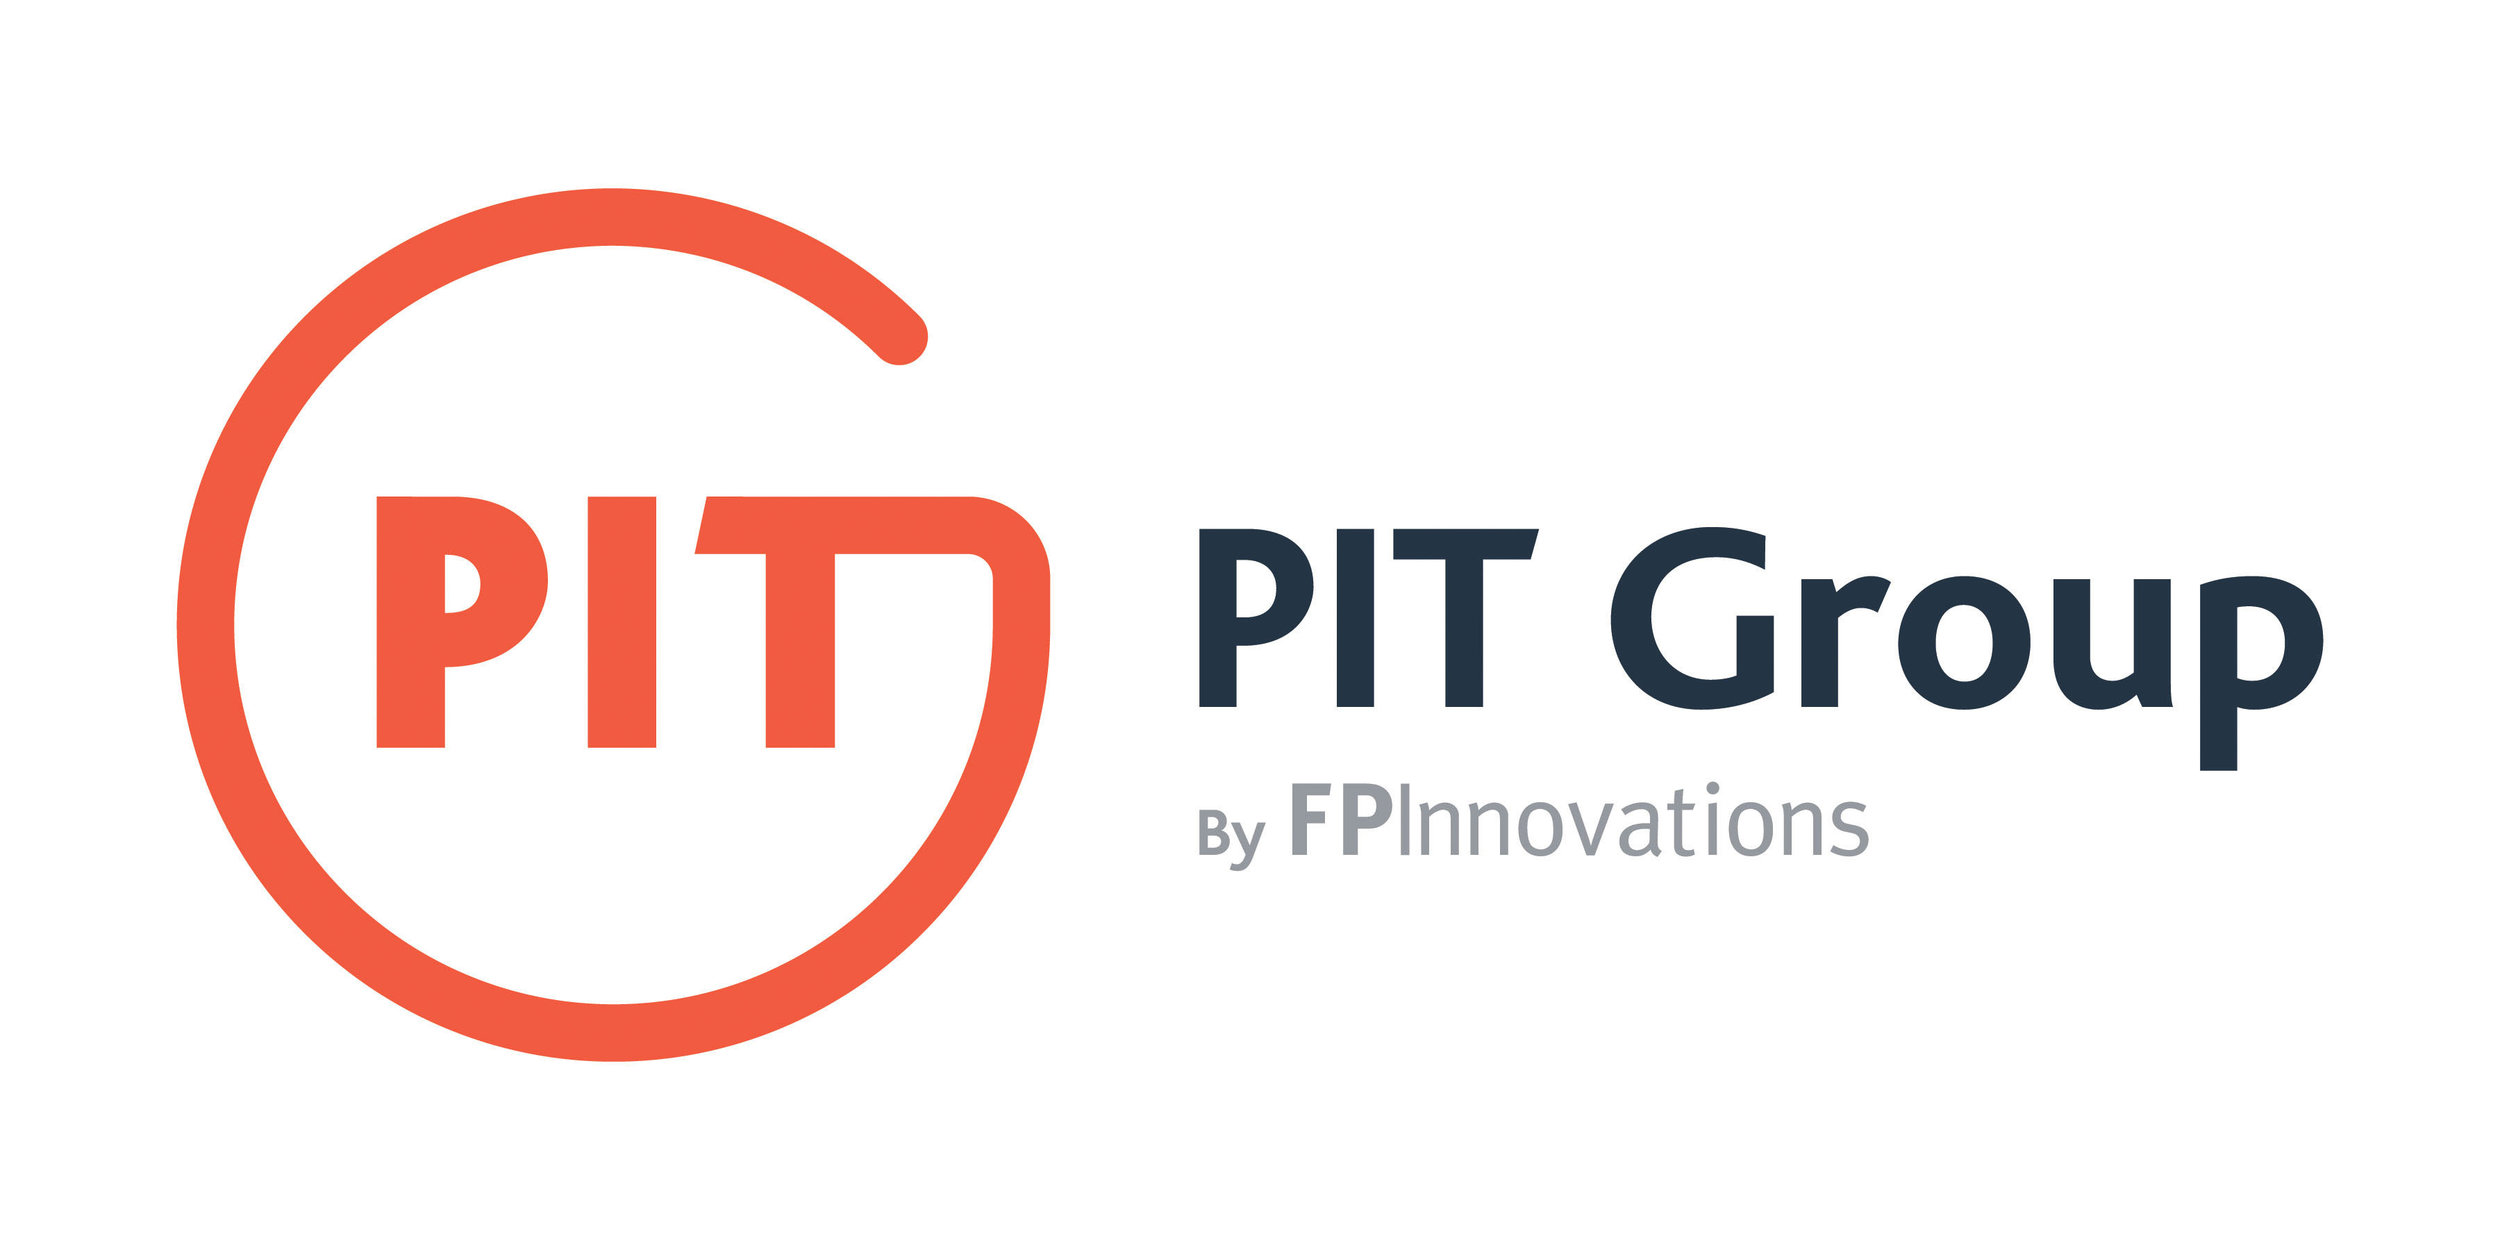 2696251_PIT_Group_-_Original_Logo.jpg